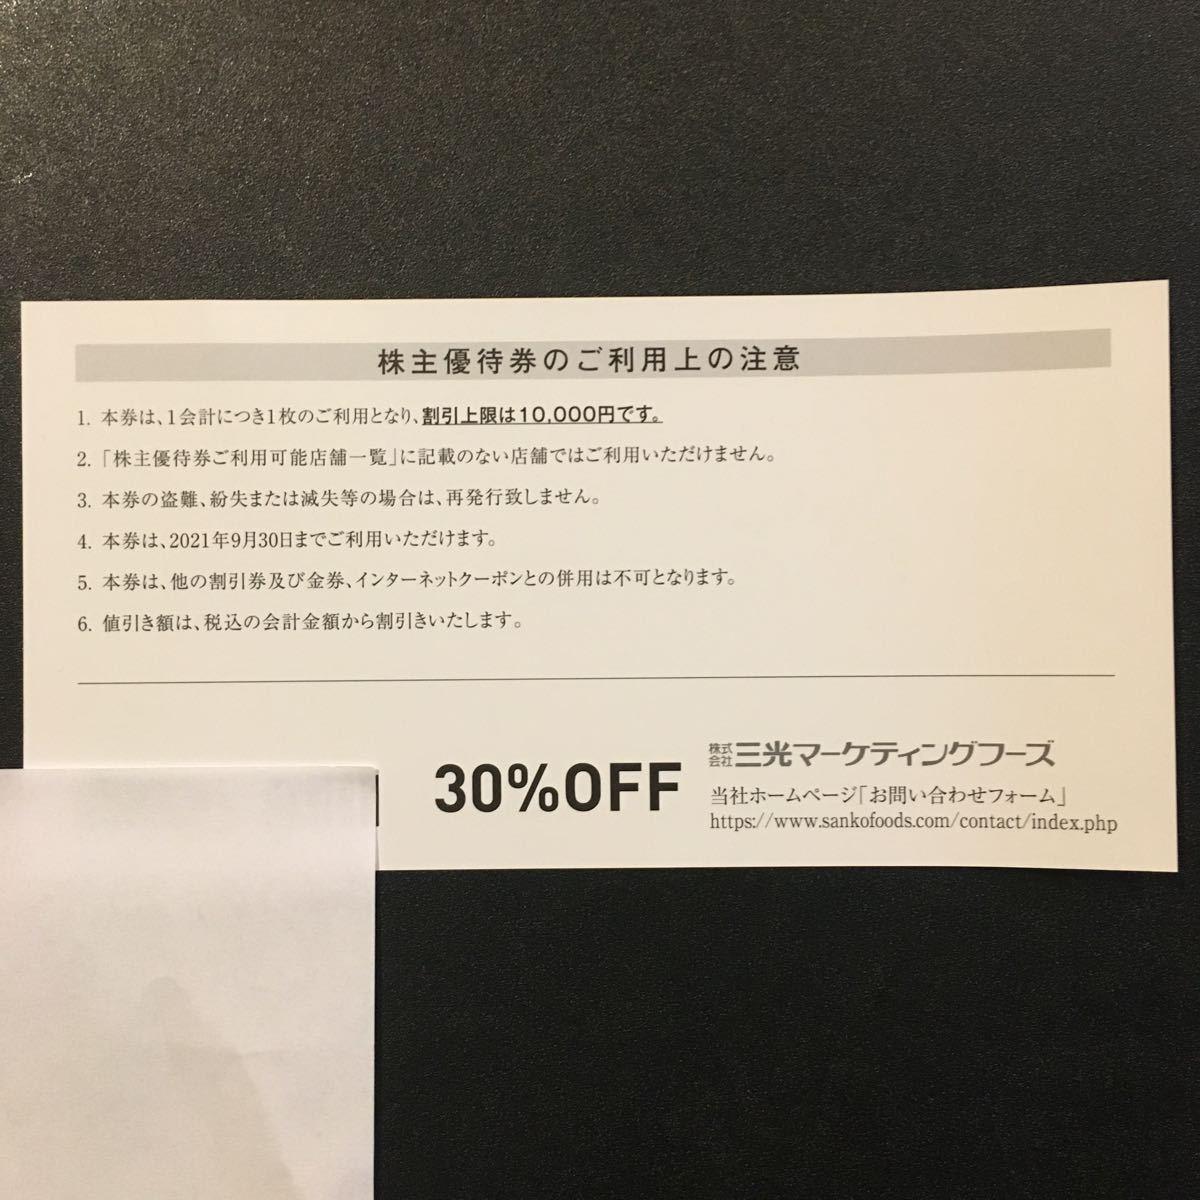 三光マーケティングフーズ 株主優待券 30%OFF(有効期限 2021年9月30日まで)_裏